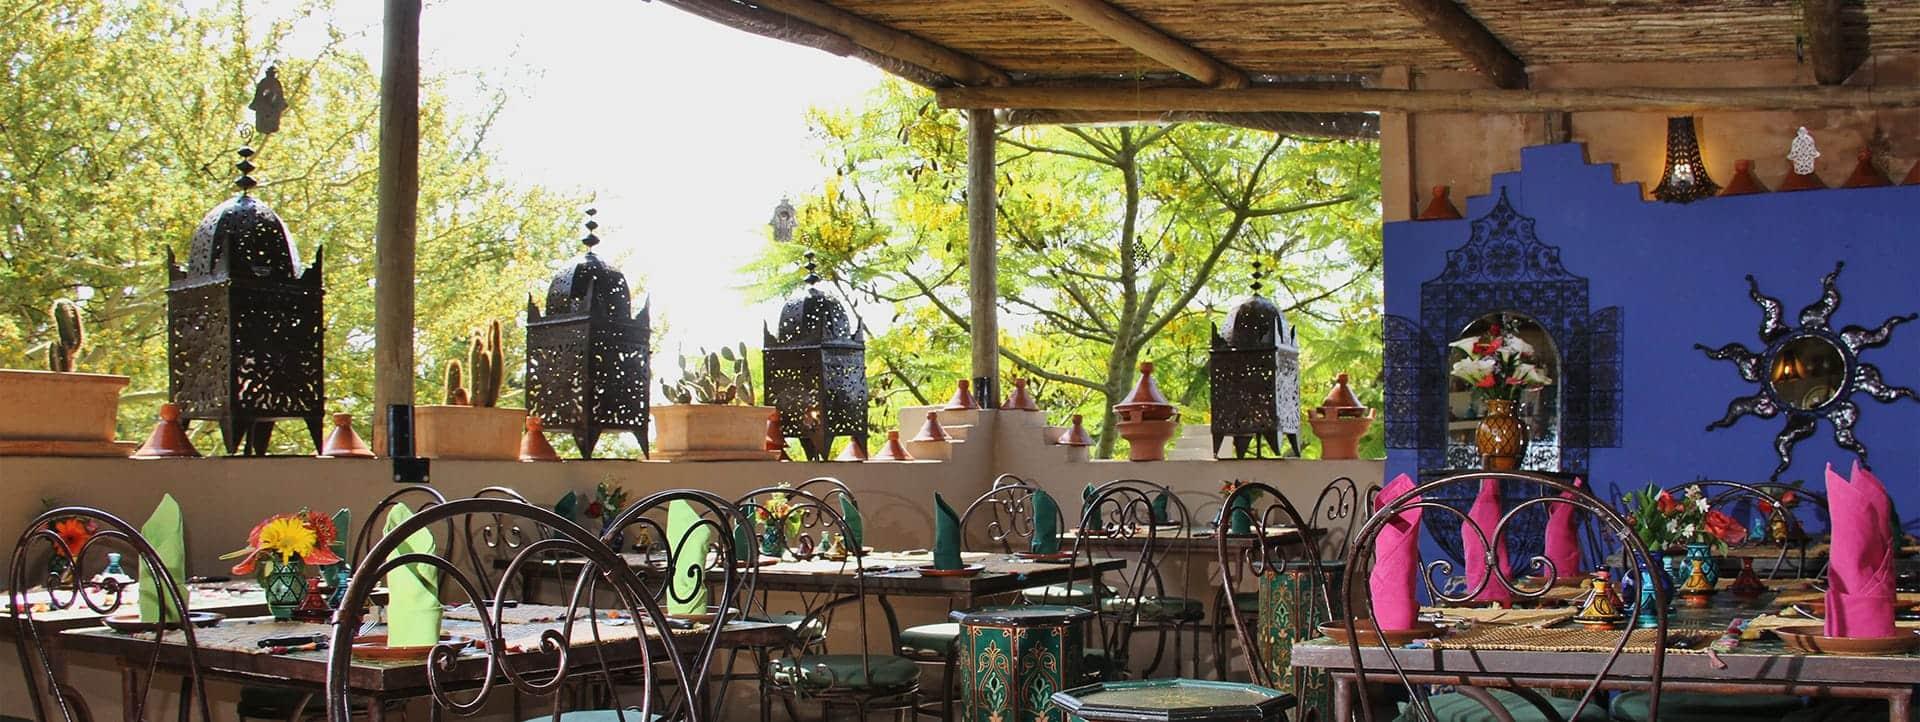 pretoria-restaurant-3-afrique-du-sud-decovuerte